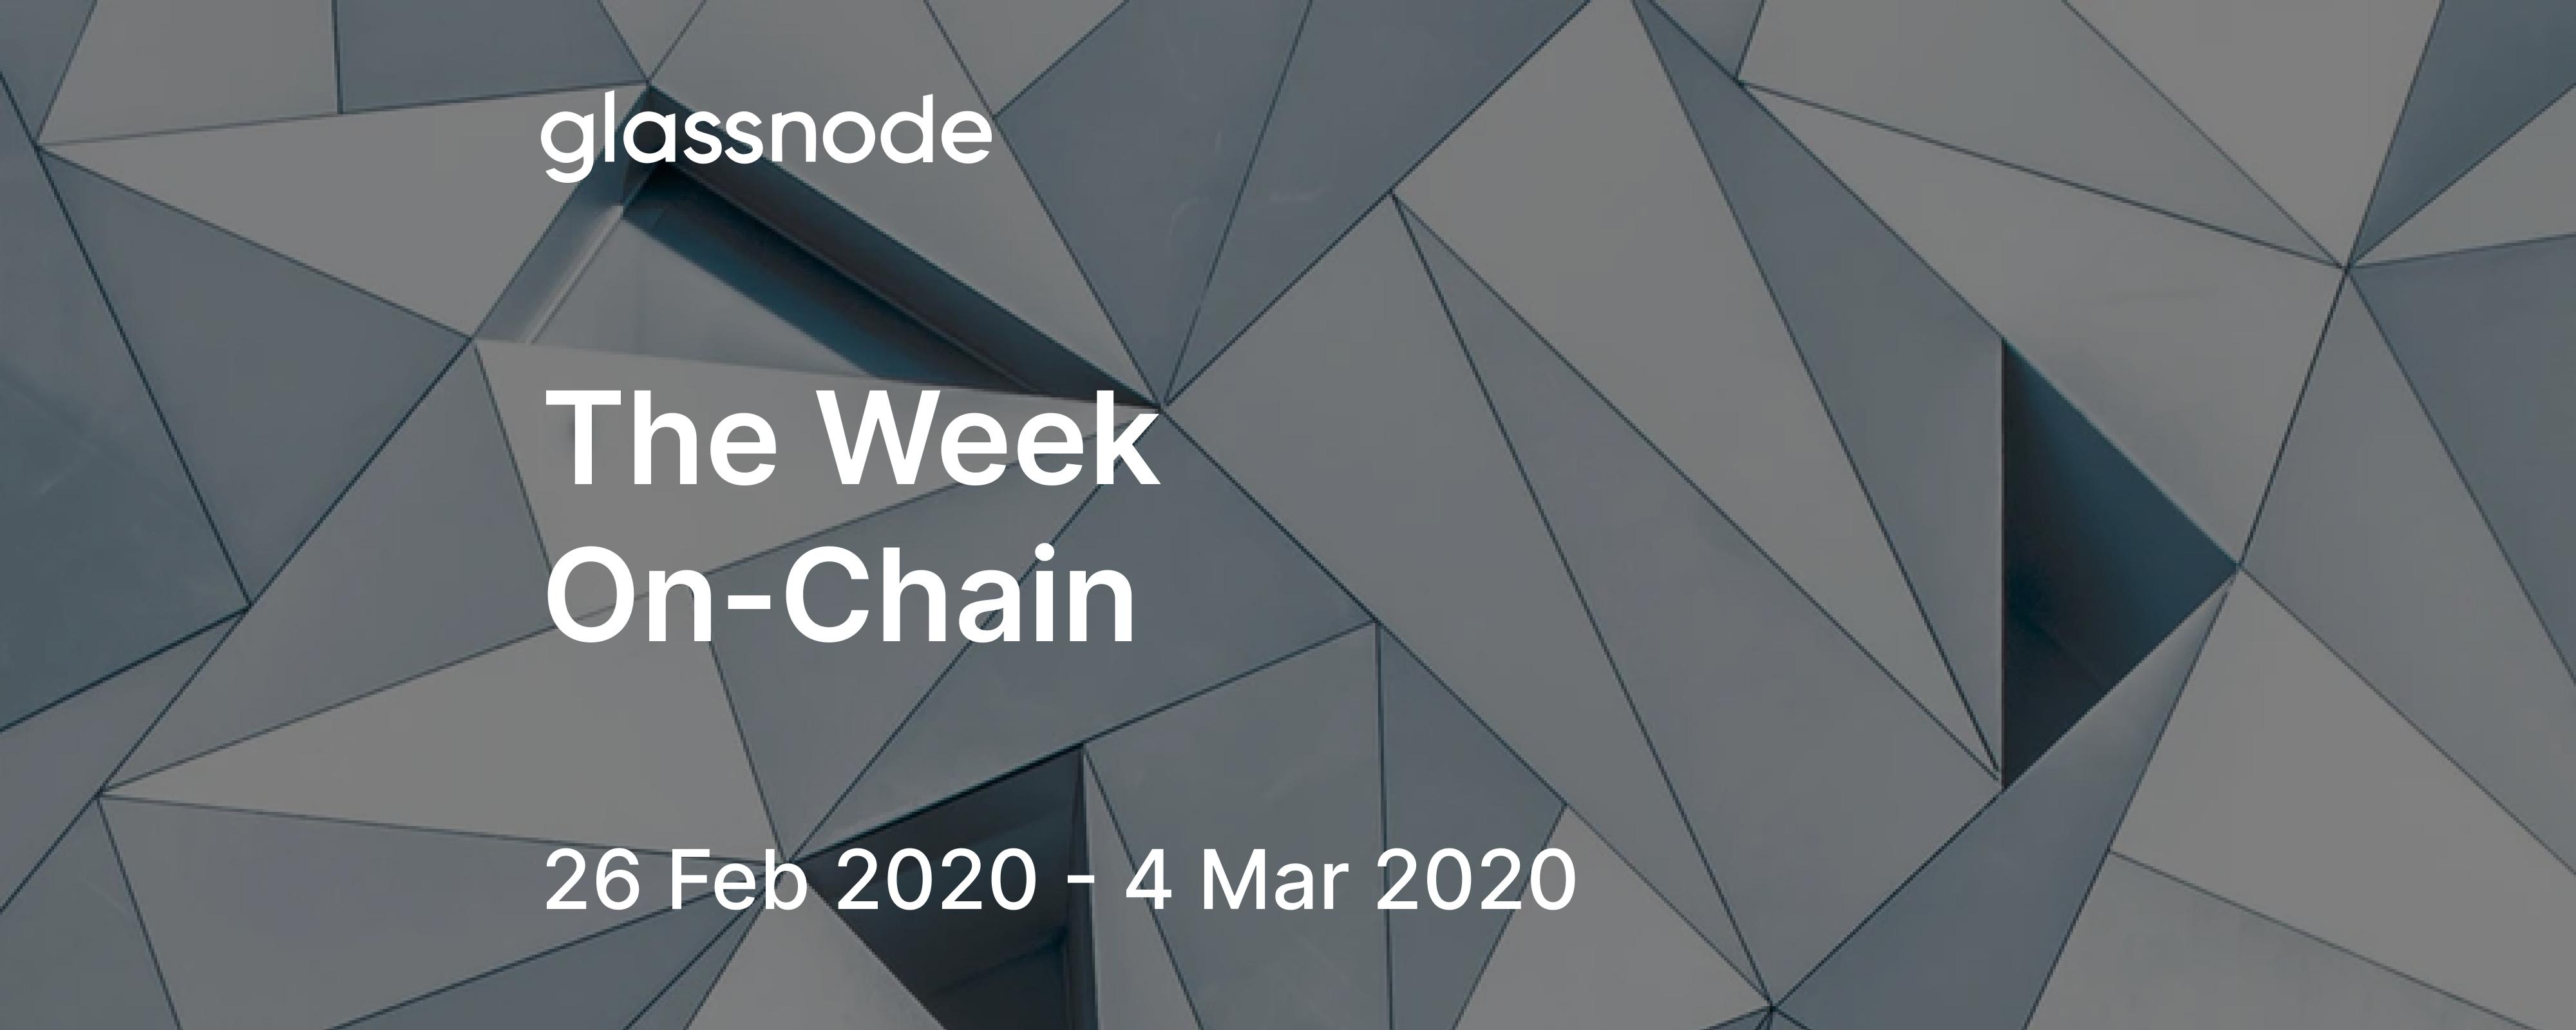 The Week On-Chain (26 Feb 2020 - 4 Mar 2020)